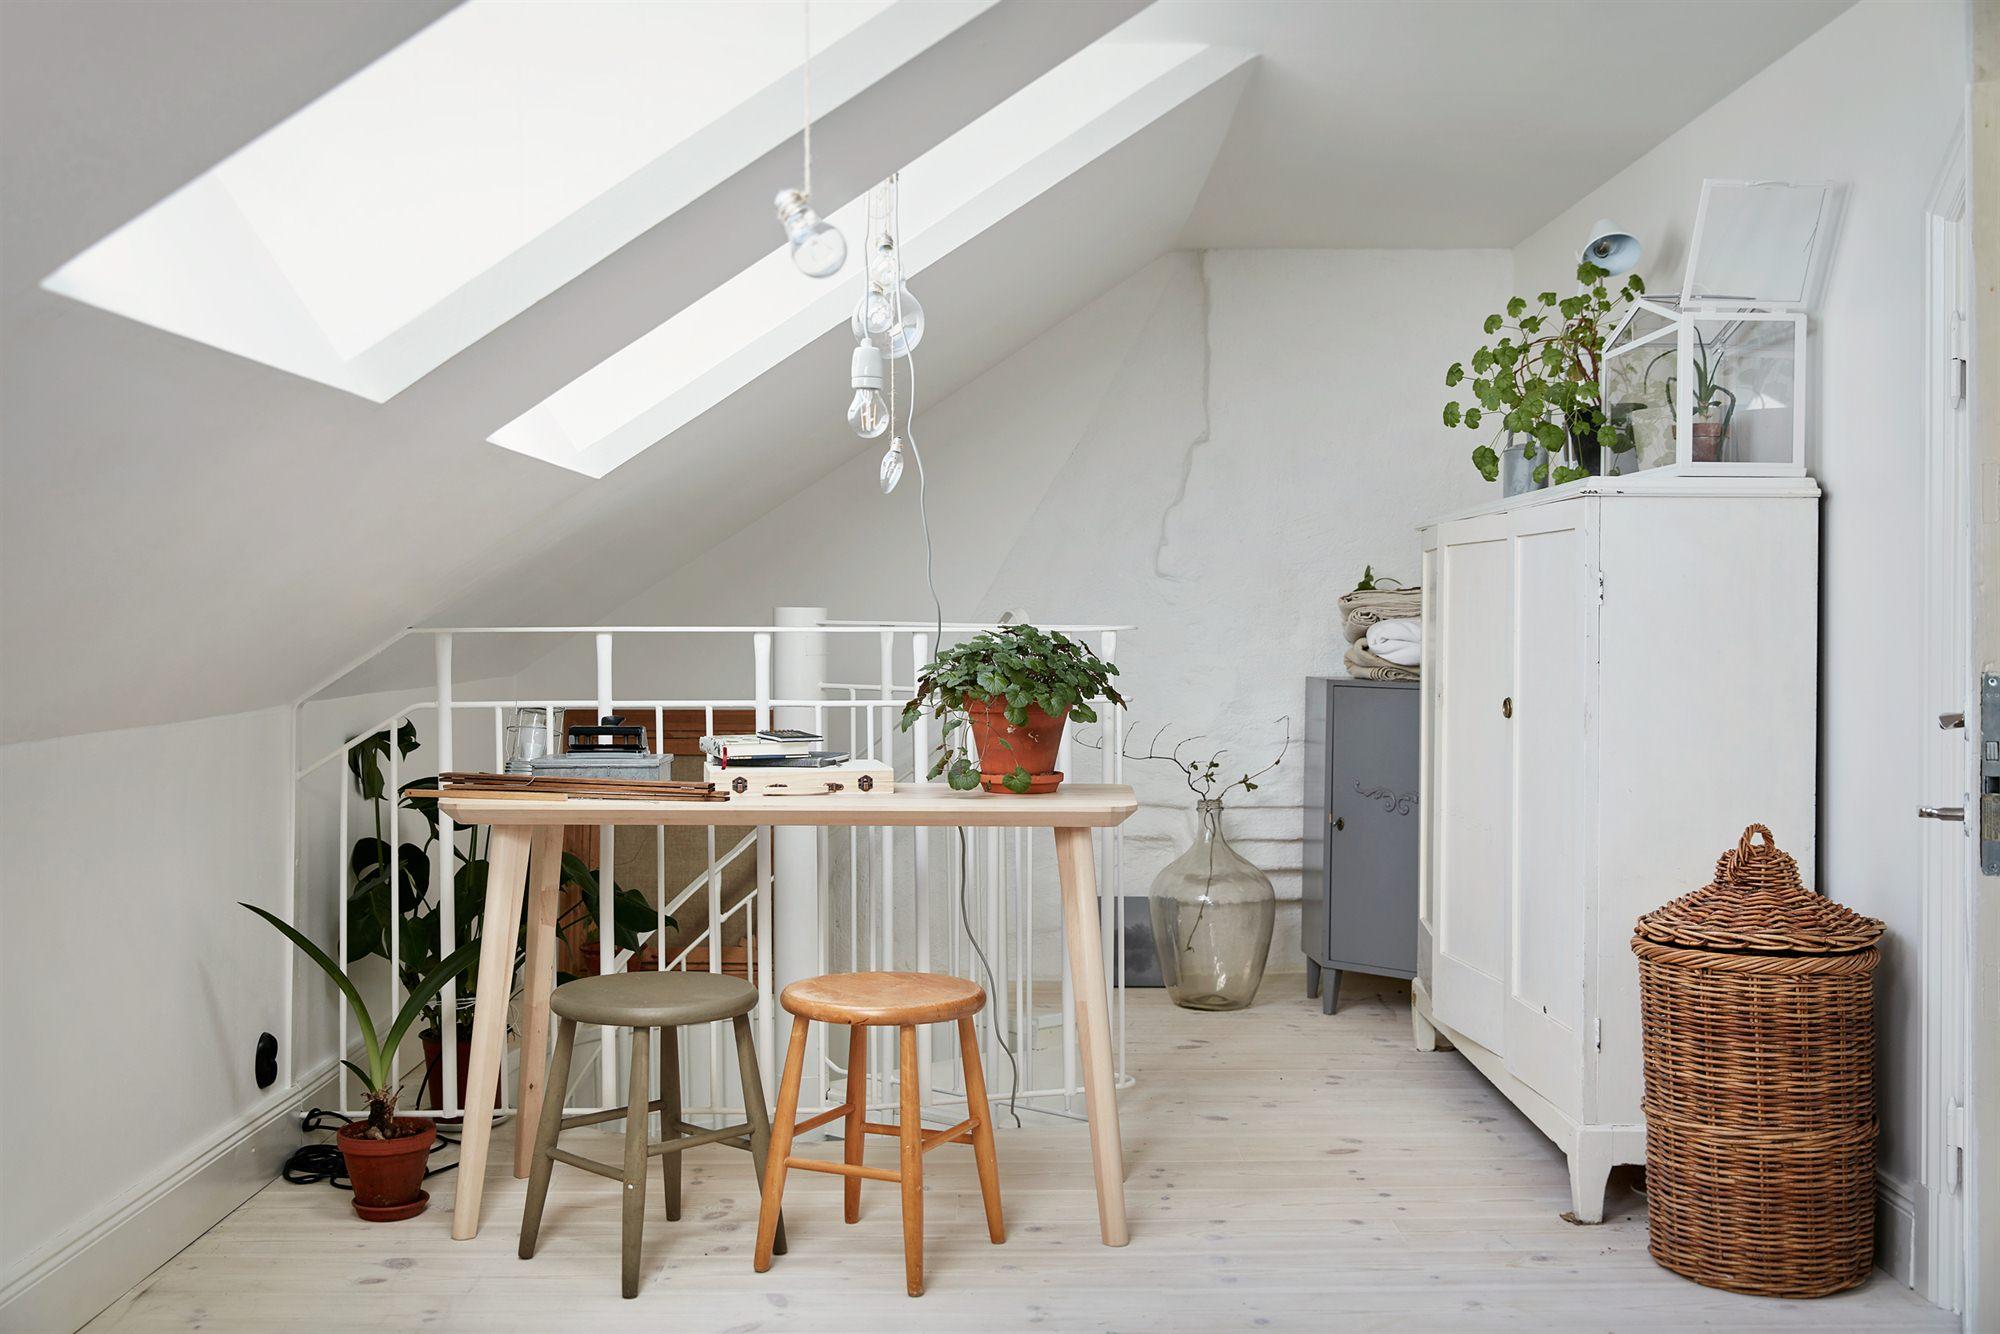 Tiny and cozy 54 mq su due piani per una piccola casa in for Migliori piani casa a due piani 2016